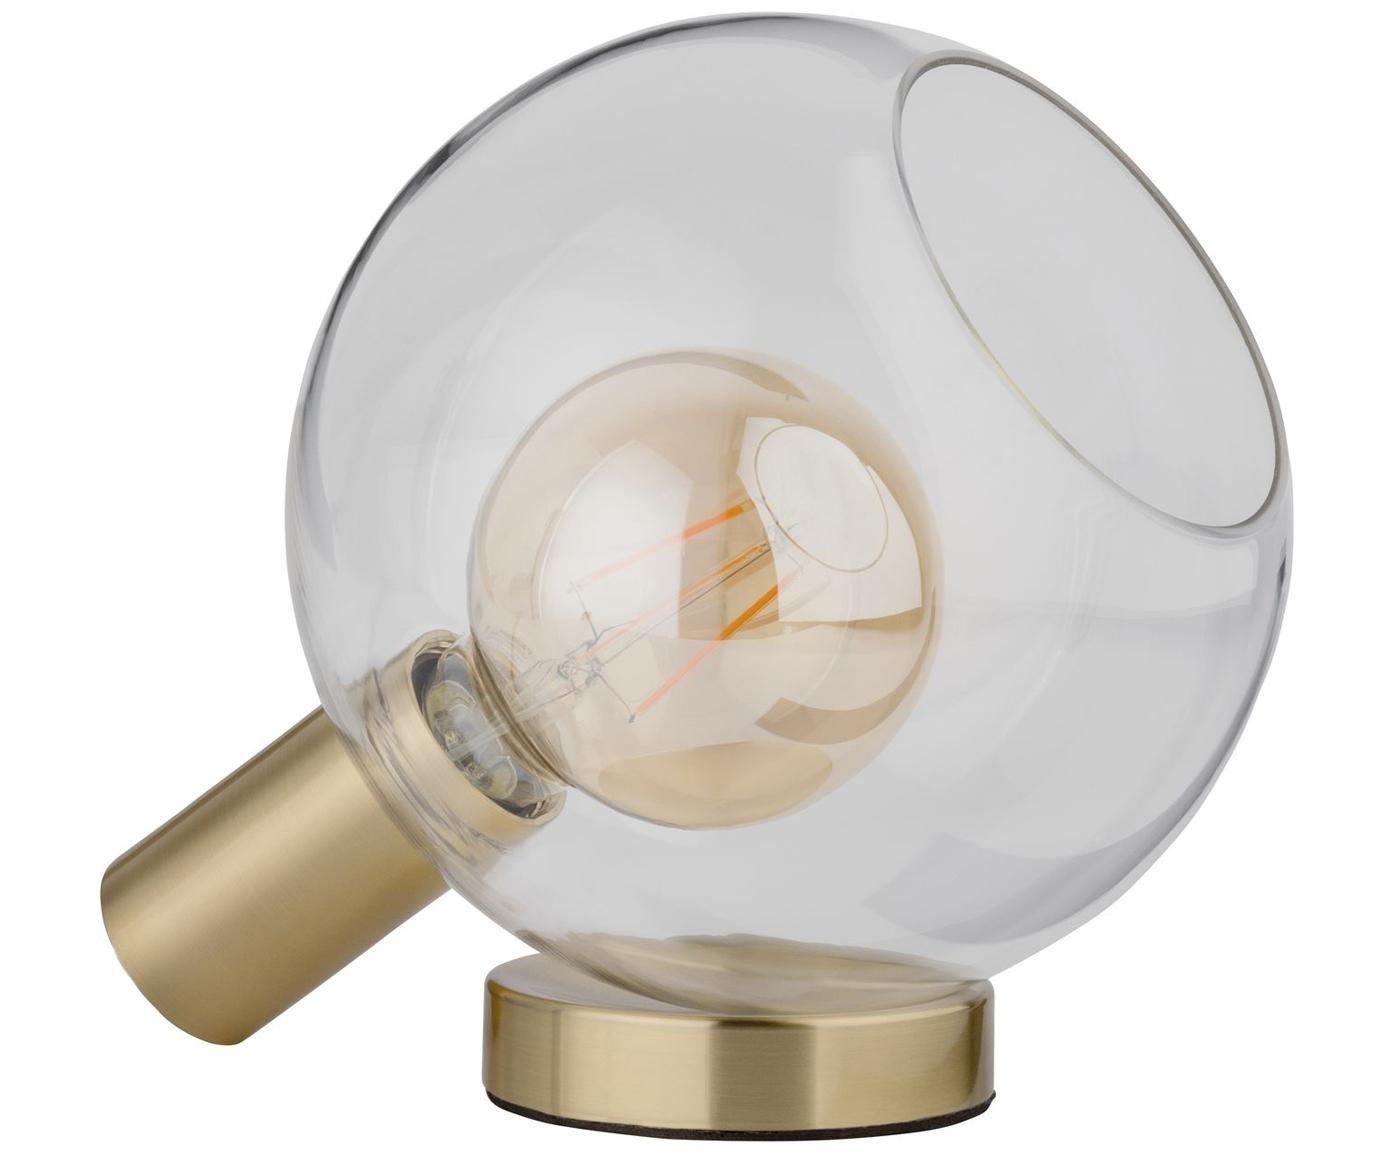 Tischleuchte Esben aus Glas, Lampenschirm: Glas, Lampenfuß: Messing, gebürstet, Messingfarben, Transparent, 25 x 22 cm